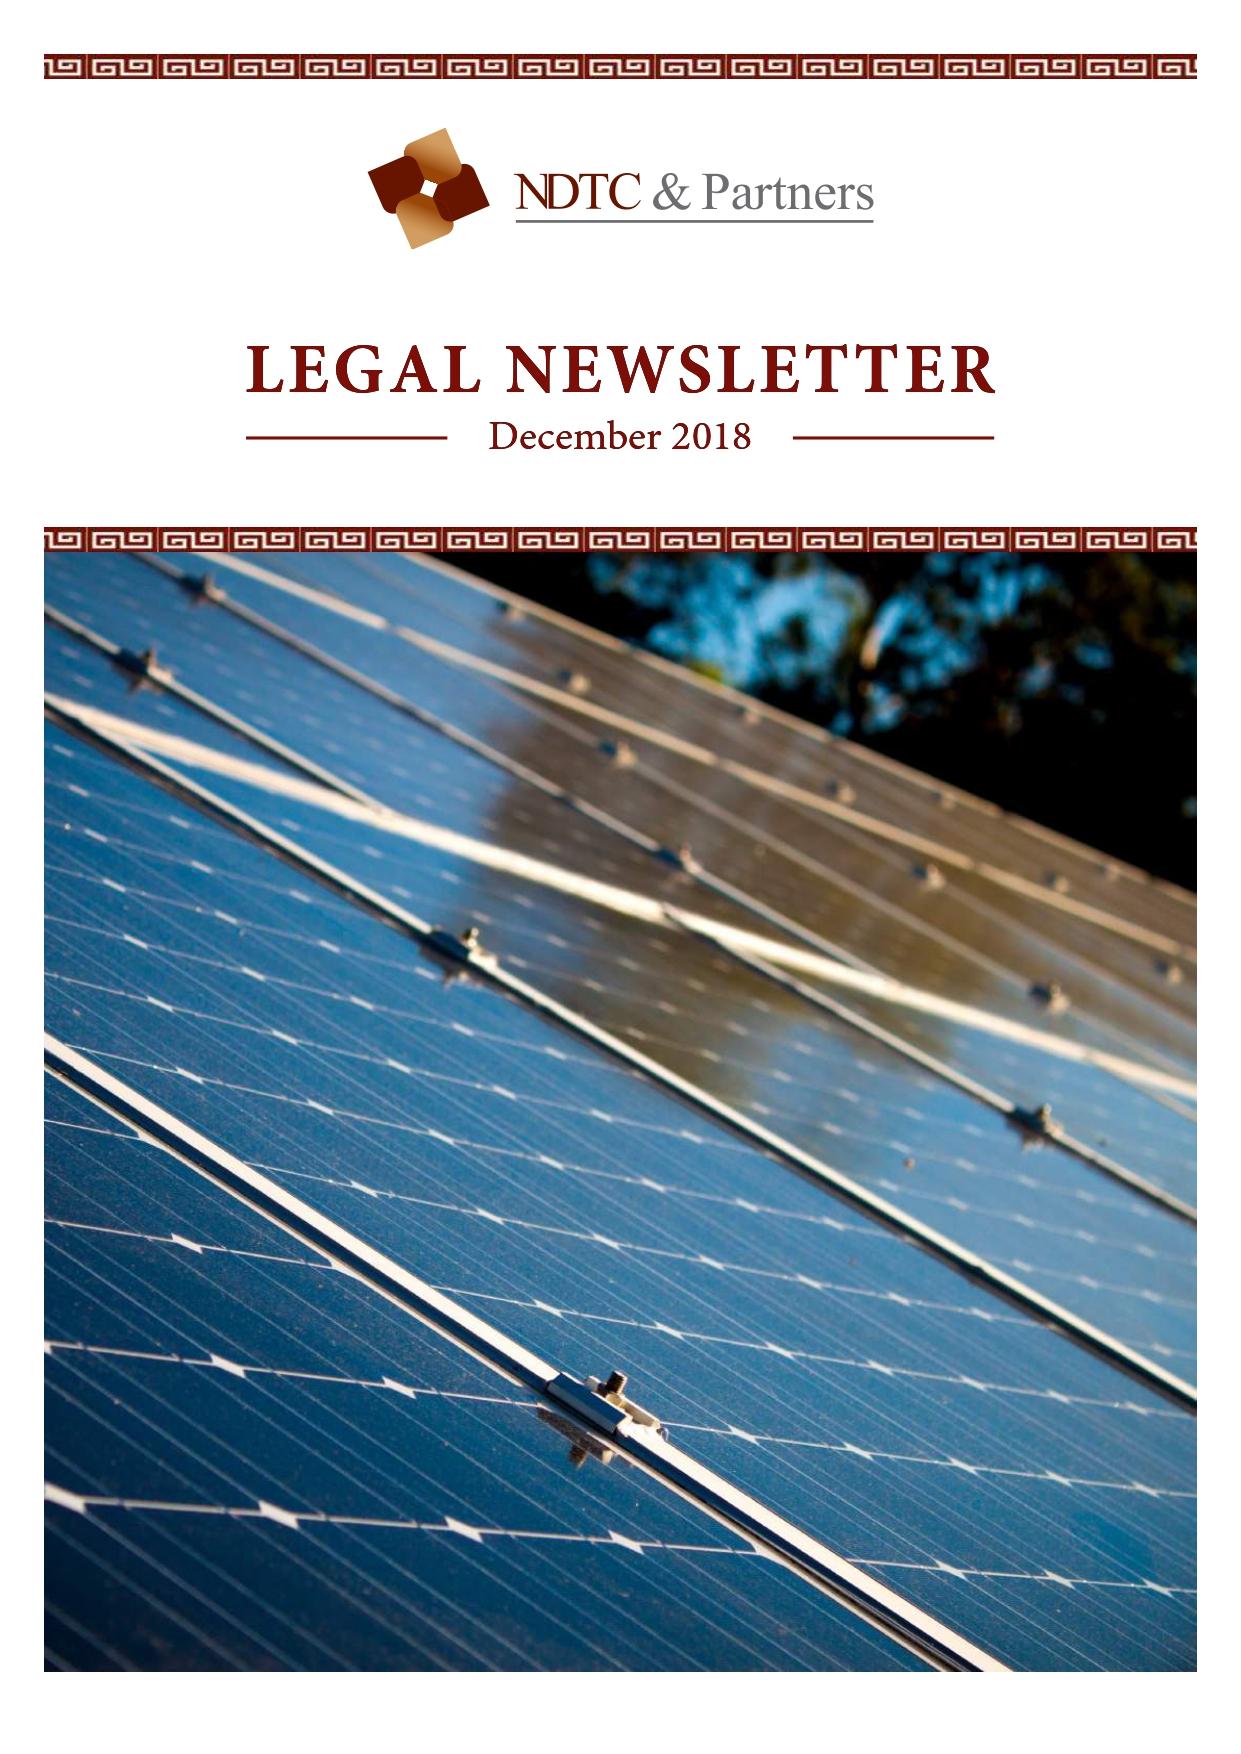 Newsletter December 2018 - EN